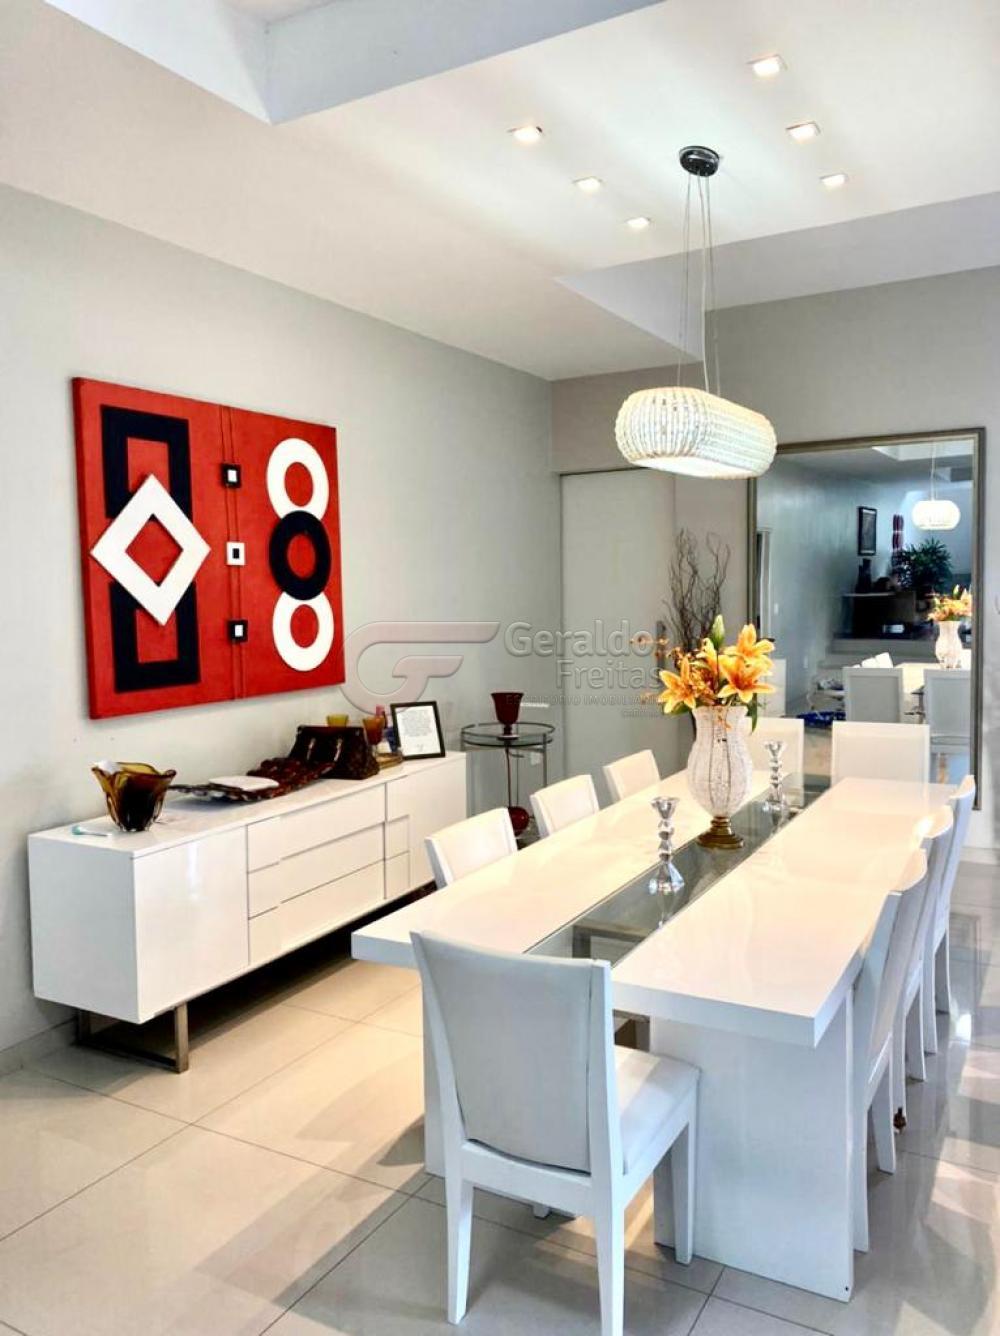 Comprar Casas / Condominio em Maceió R$ 1.999.999,99 - Foto 6